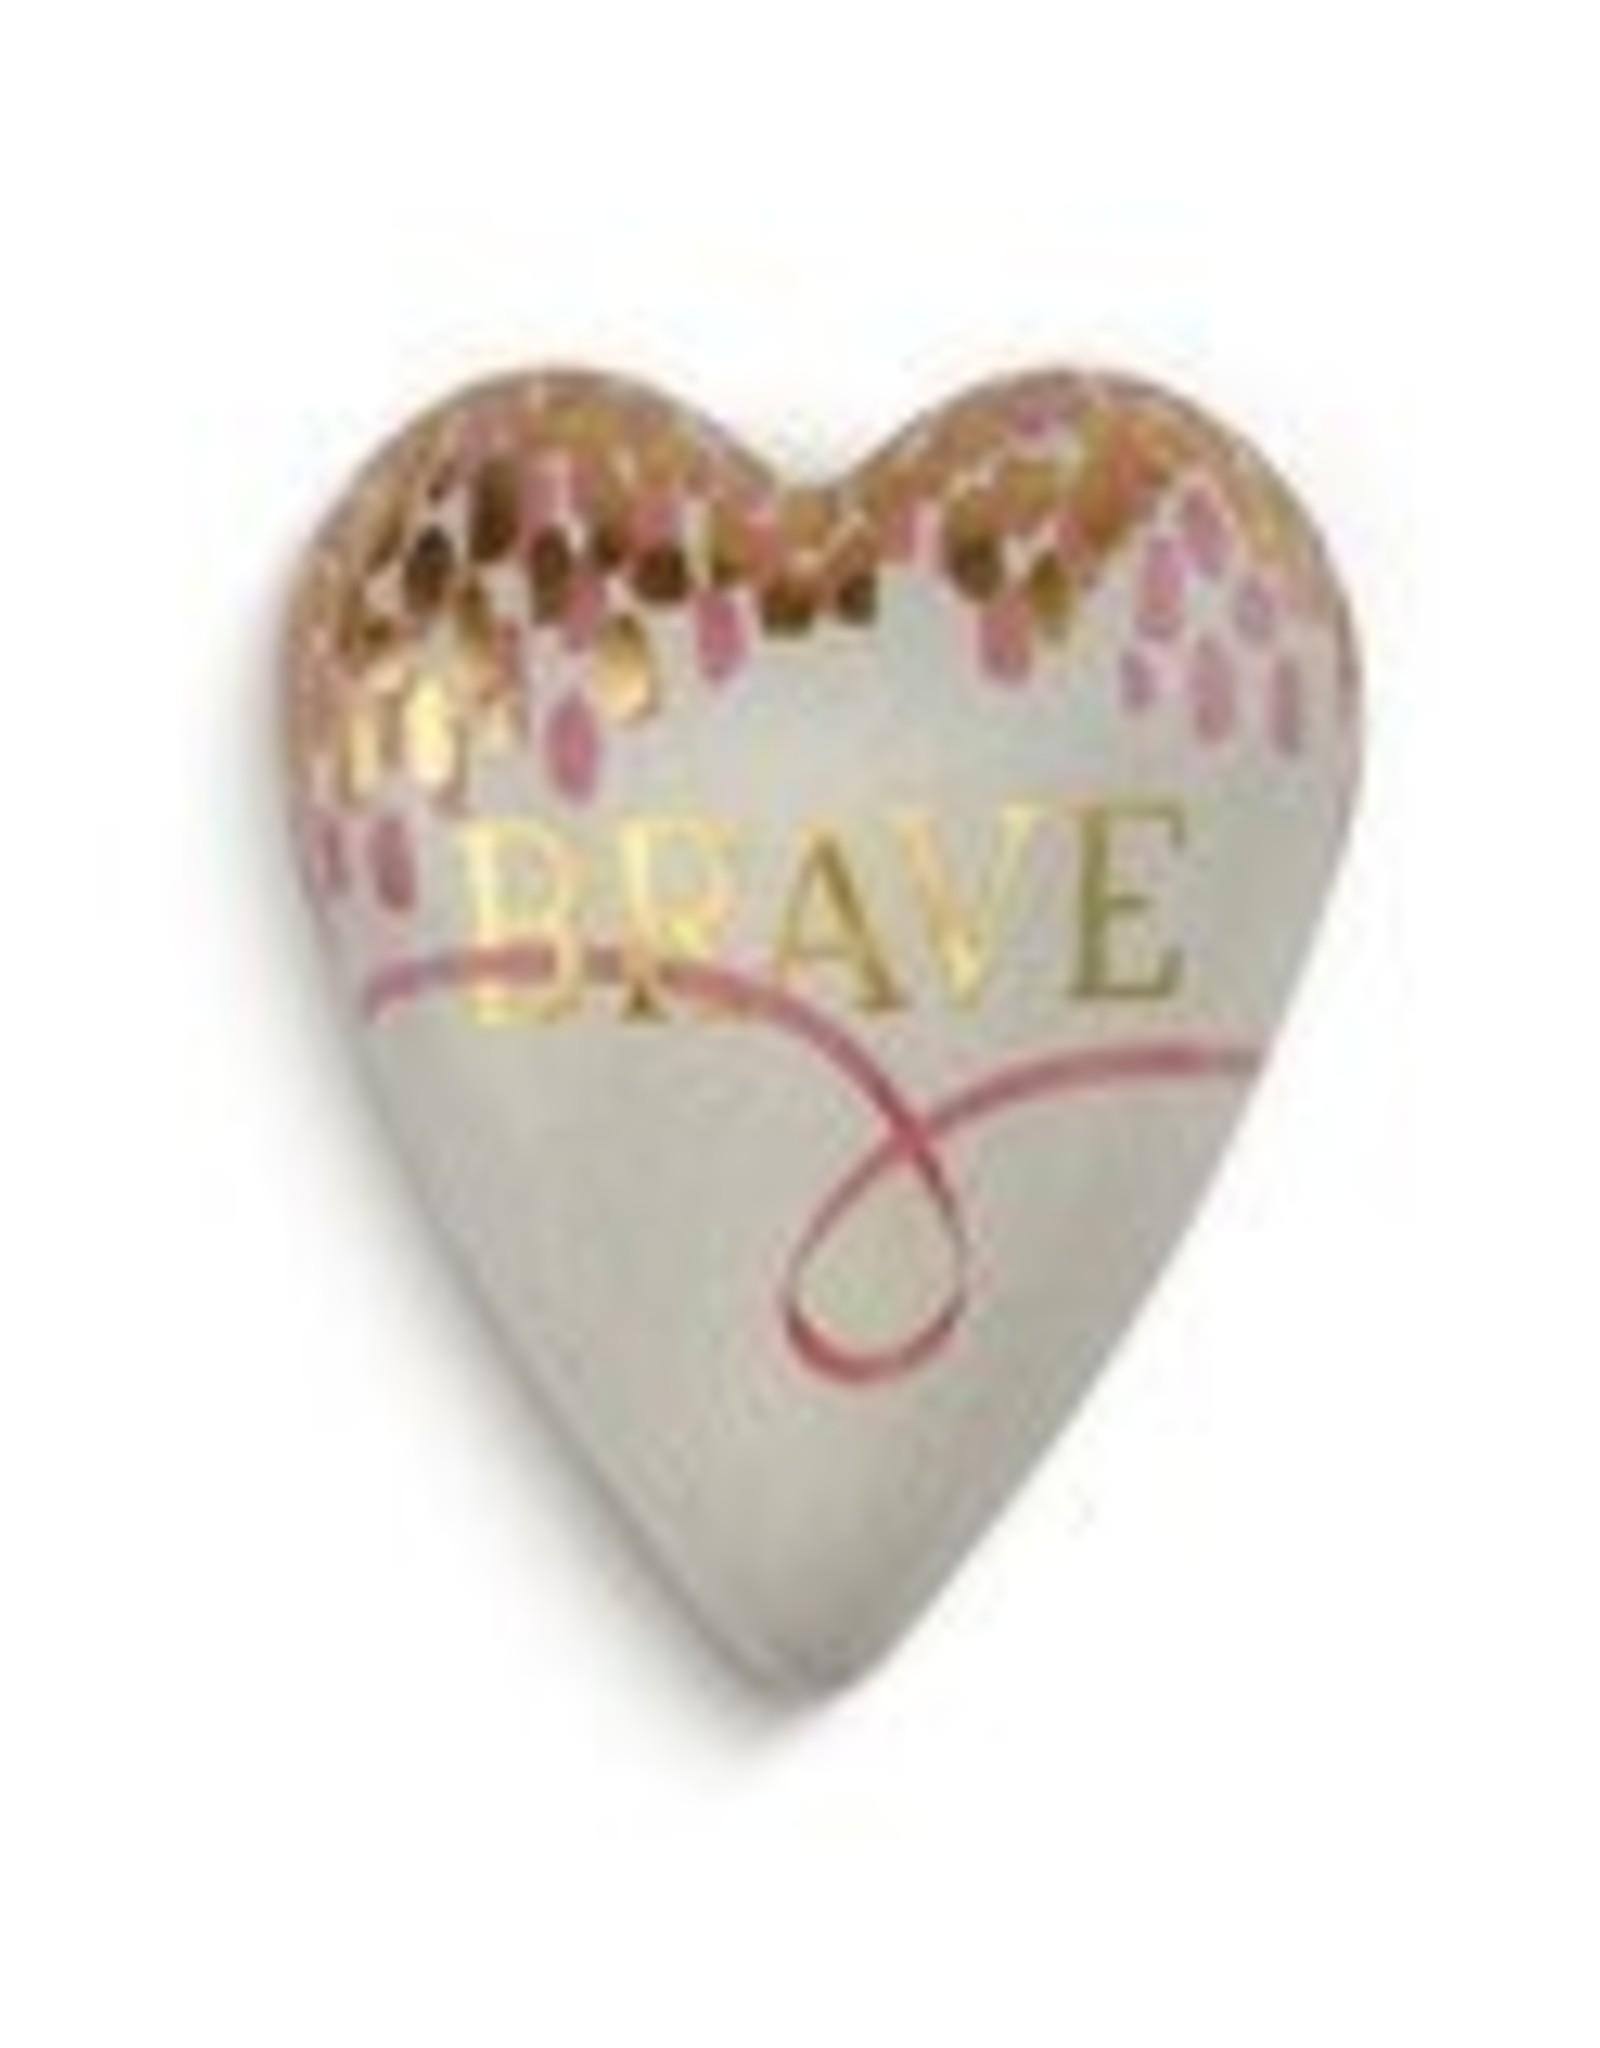 Brave Art Heart Keeper